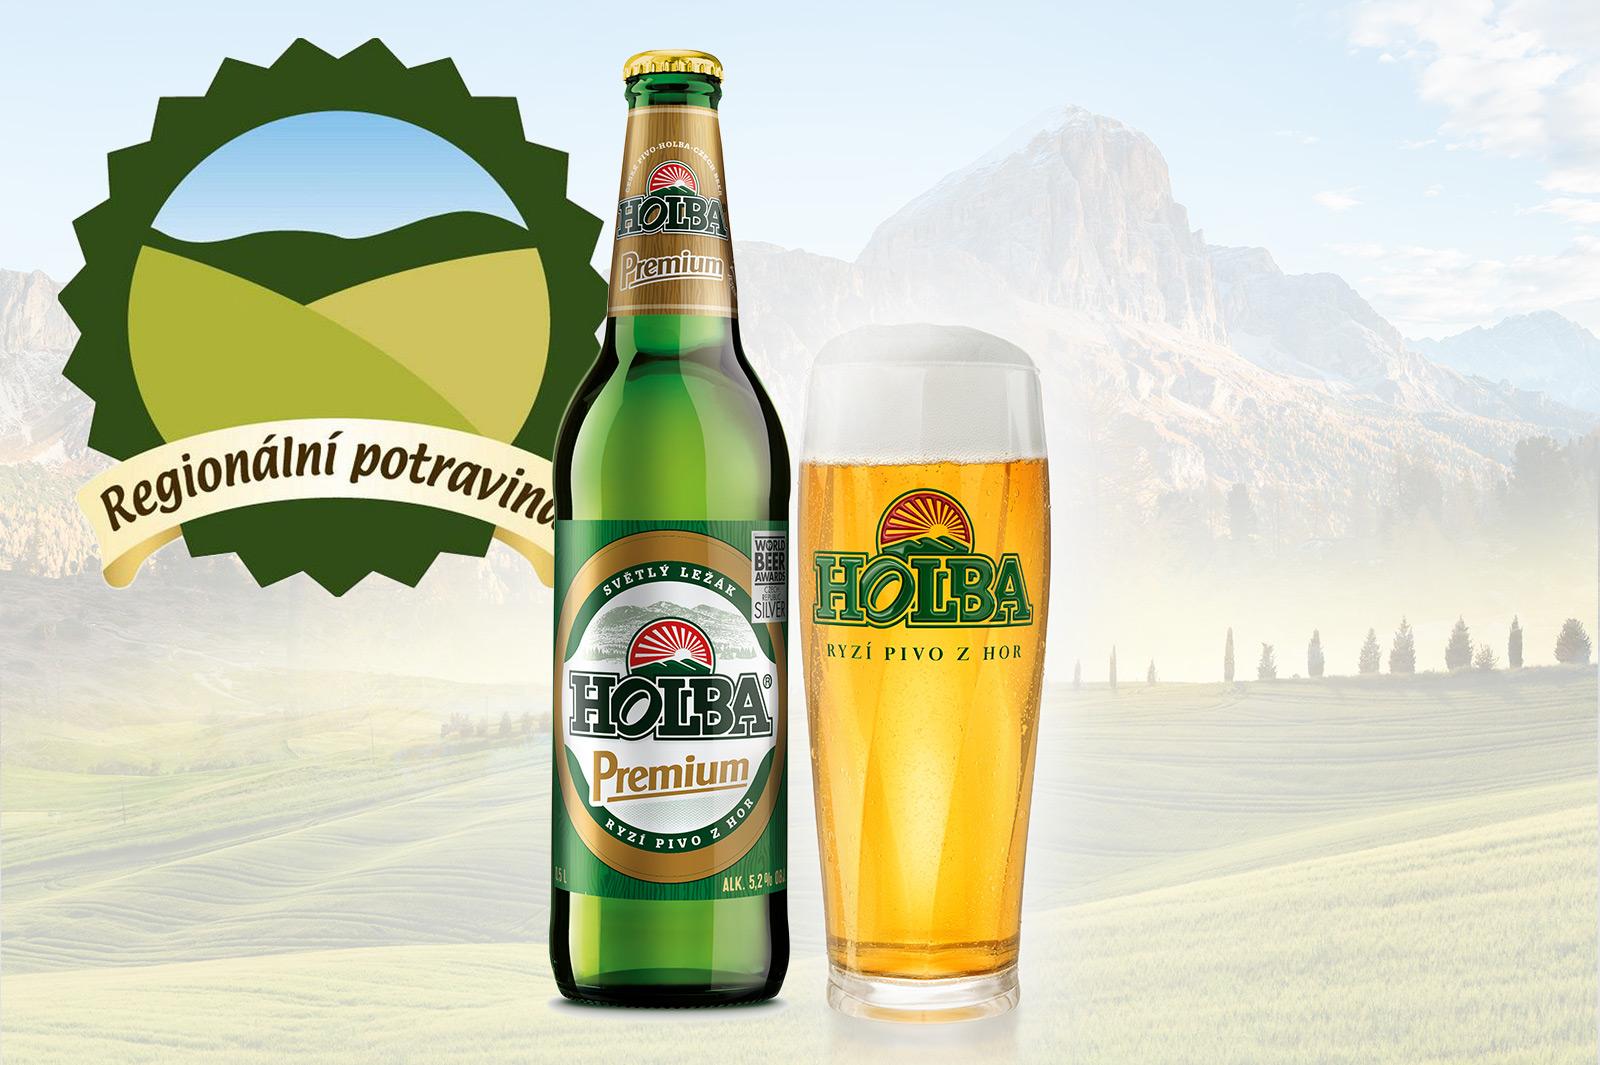 Pivo HOLBA Premium si na své konto připsalo ocenění  Regionální potravina Olomouckého kraje